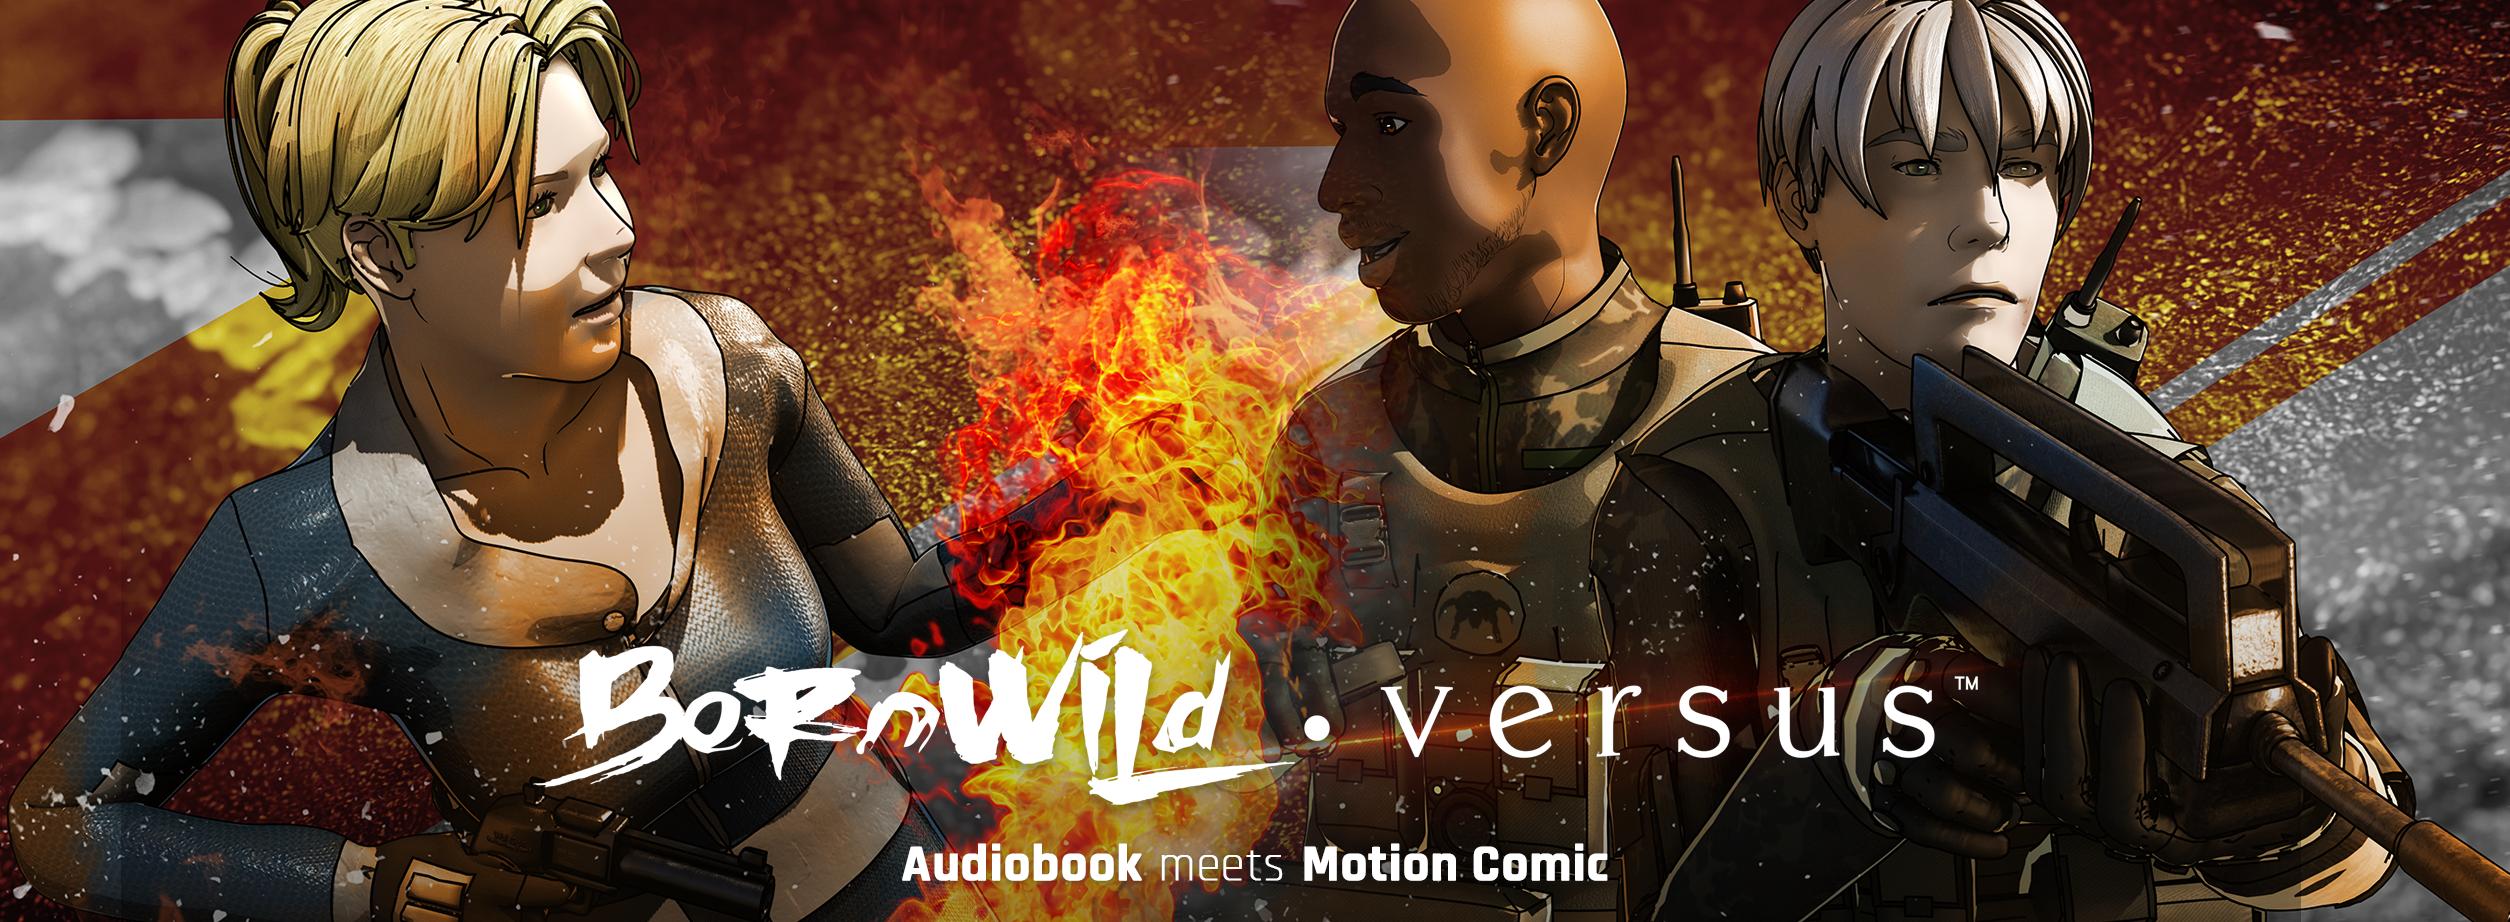 BornWild • Versus - Episode 7